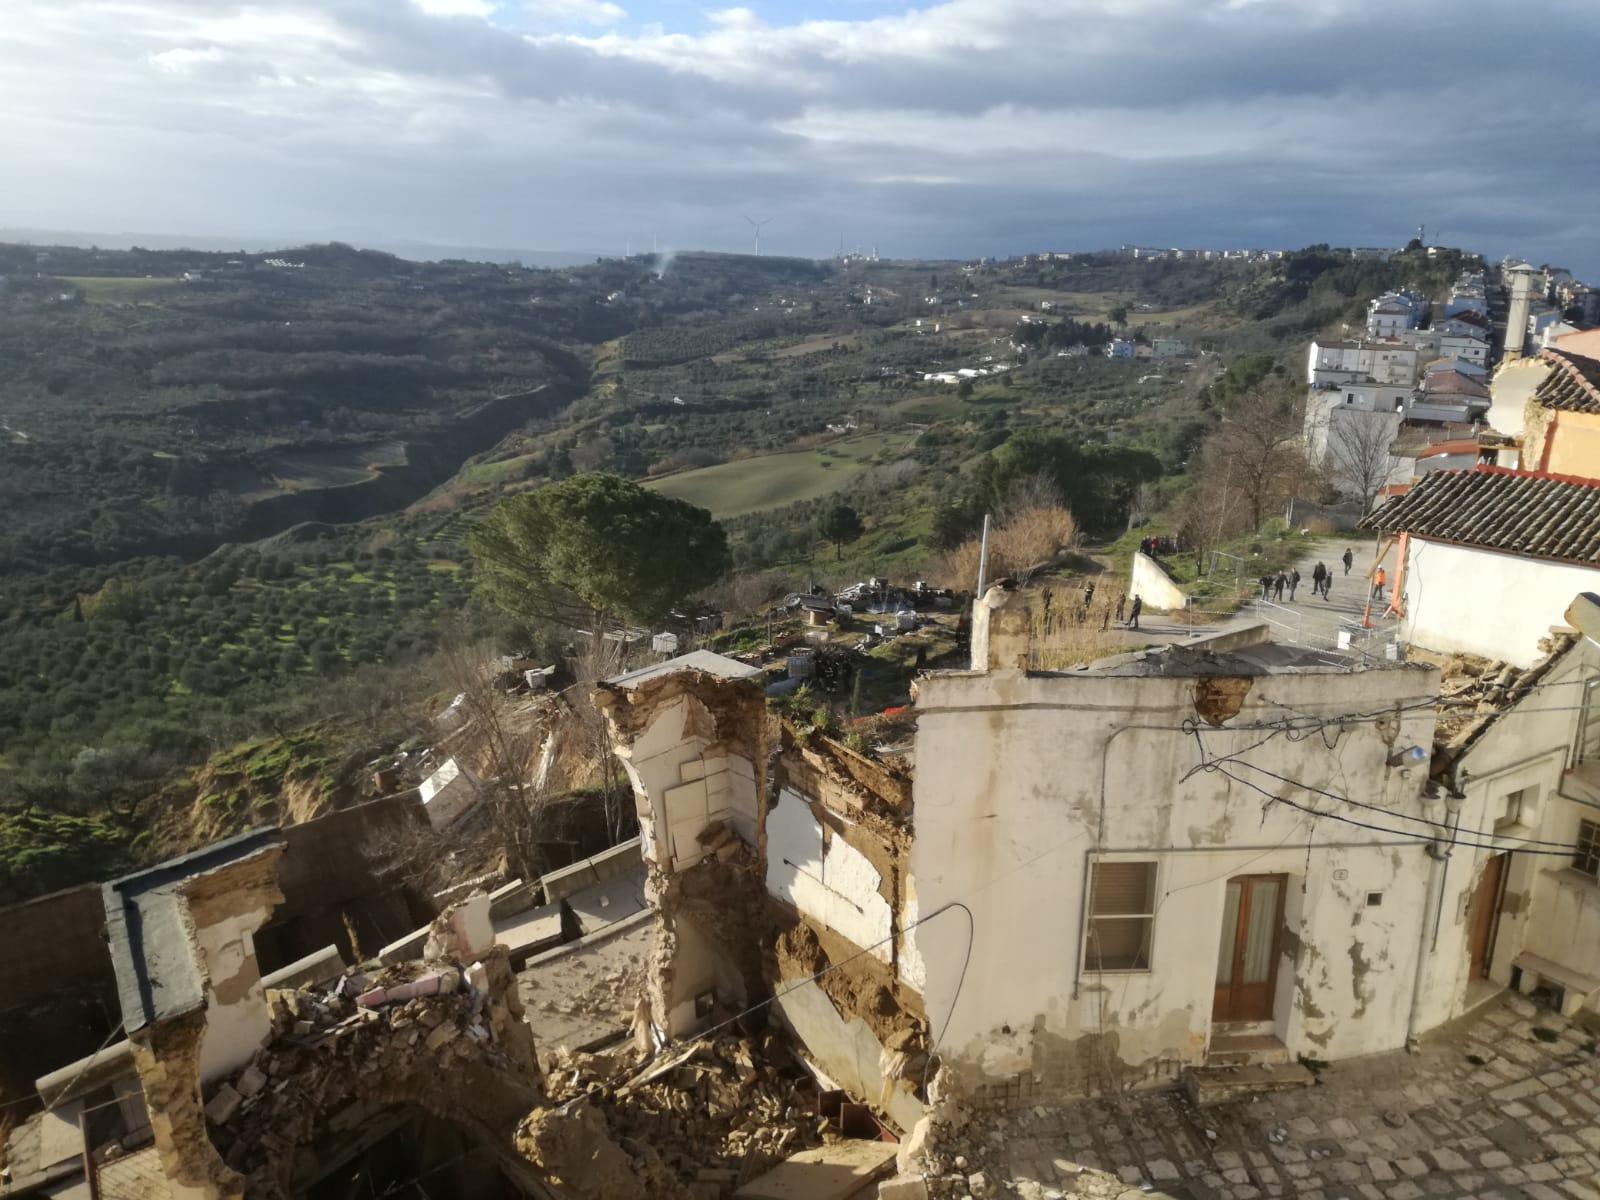 Una frana ha devastato il centro storico di PomaricoLo smottamento ha travolto diverse abitazioni